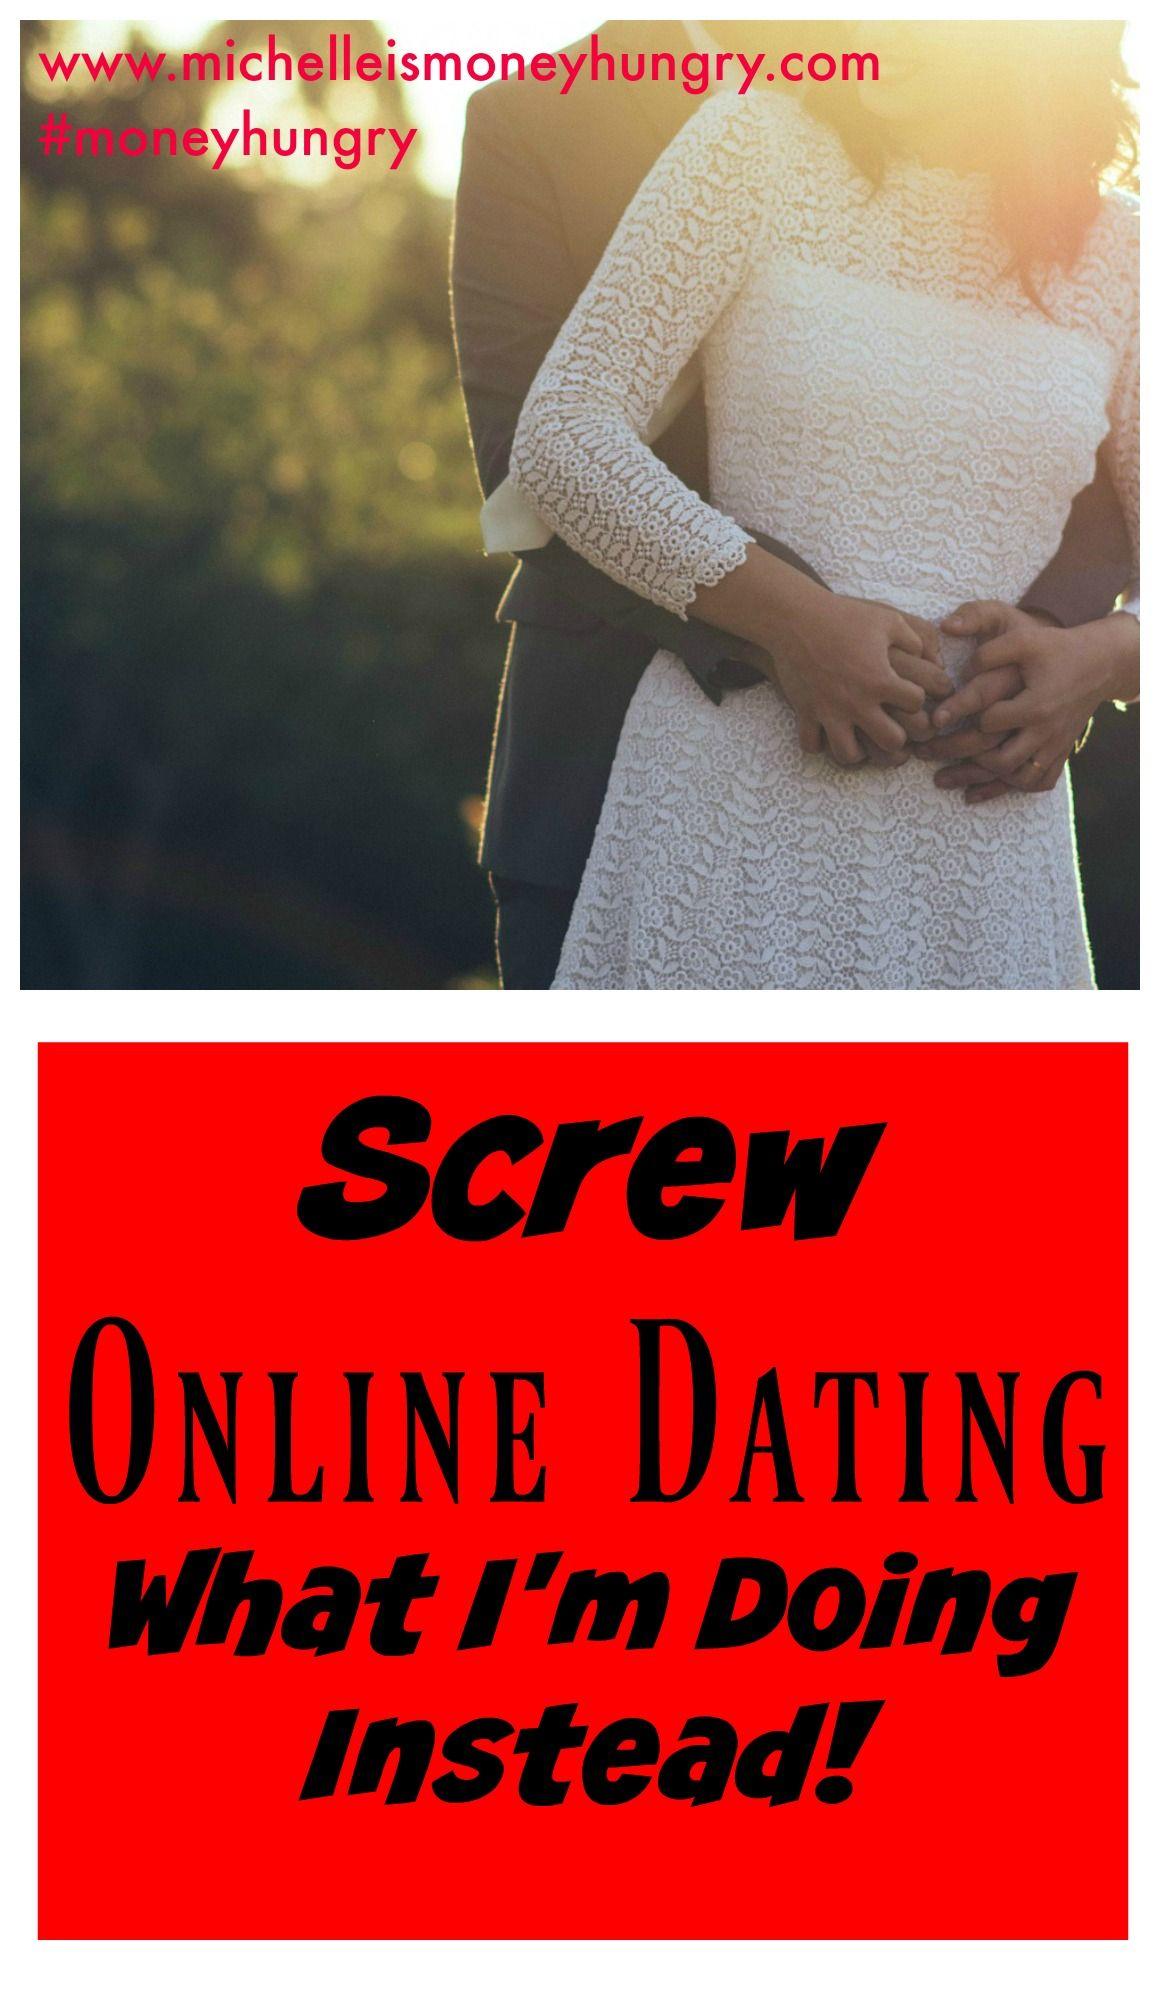 Screw dating nairalist lagos dating